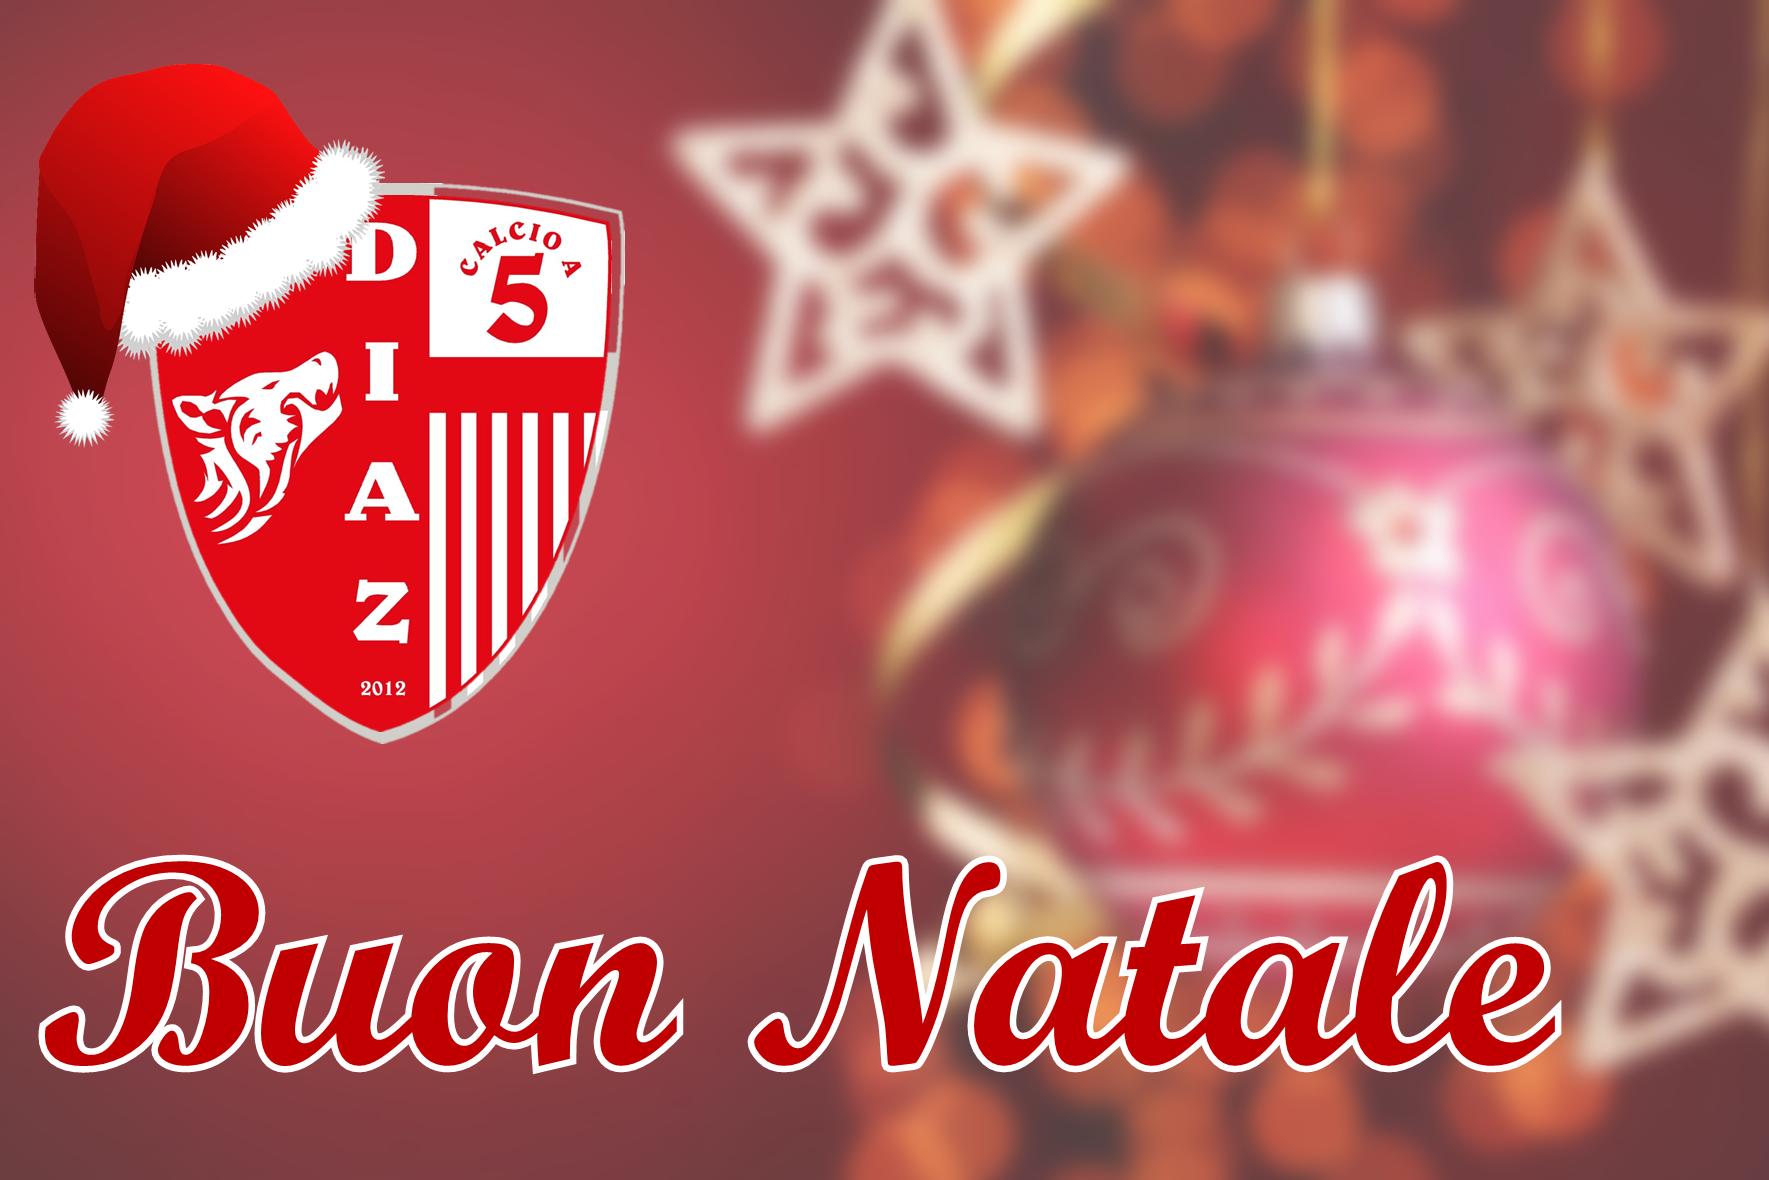 Auguri Di Buon Natale Alla Famiglia.Auguri Archivi A S D Diaz Sito Ufficiale Della Societa Di